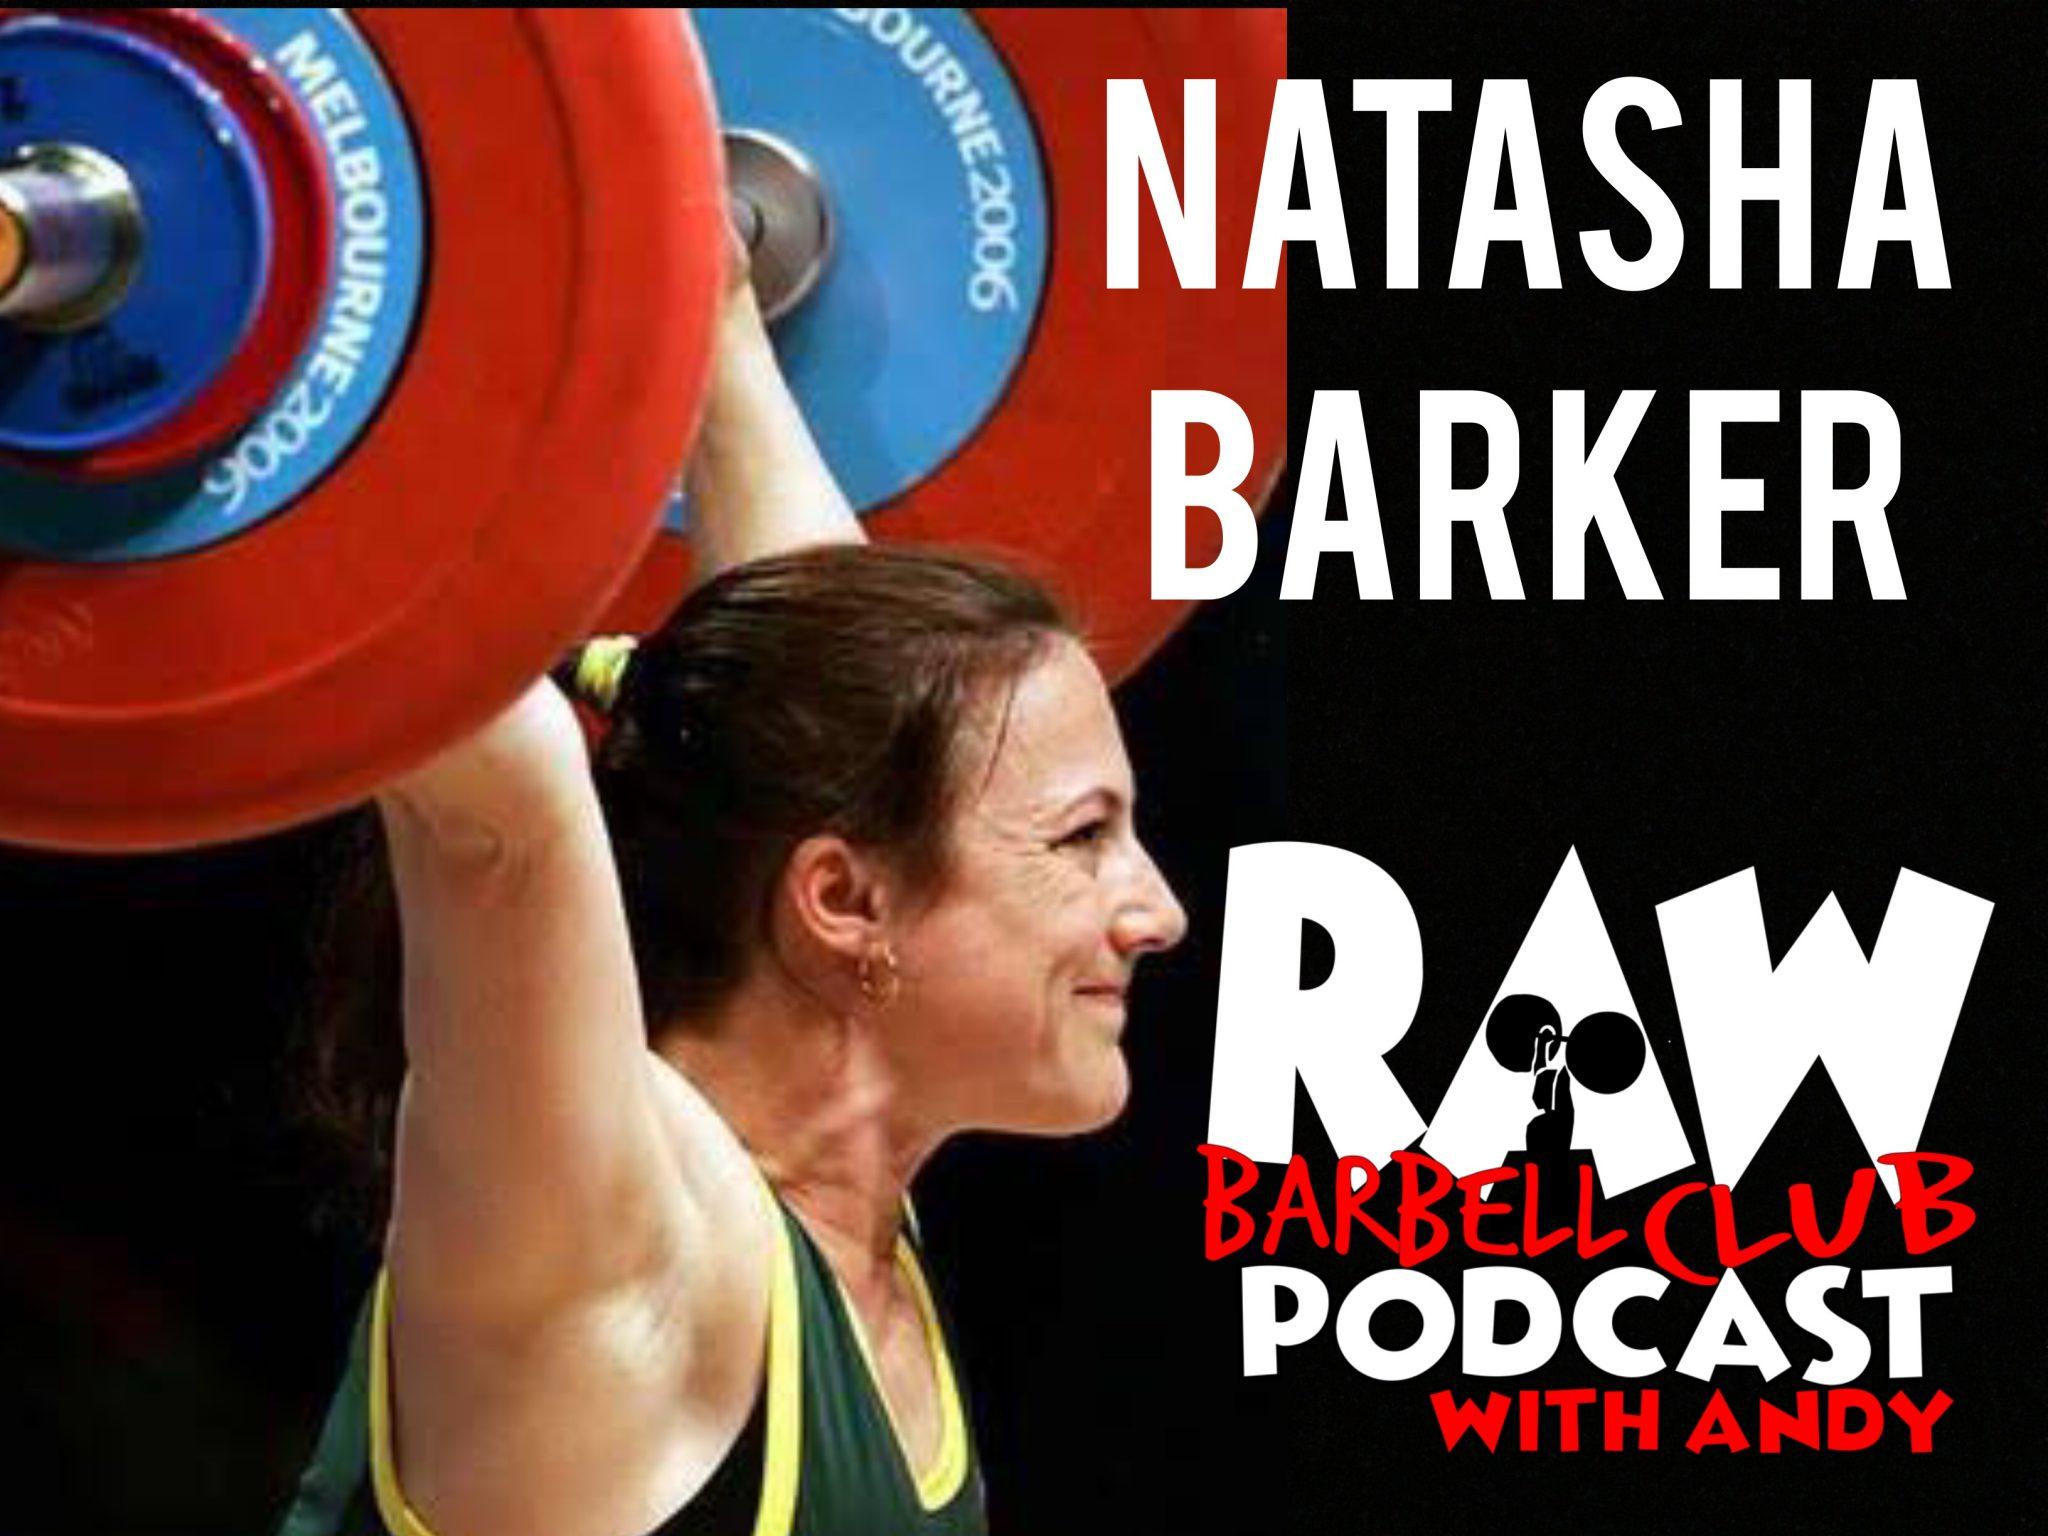 Natasha Barker: Journey Of An Olympian